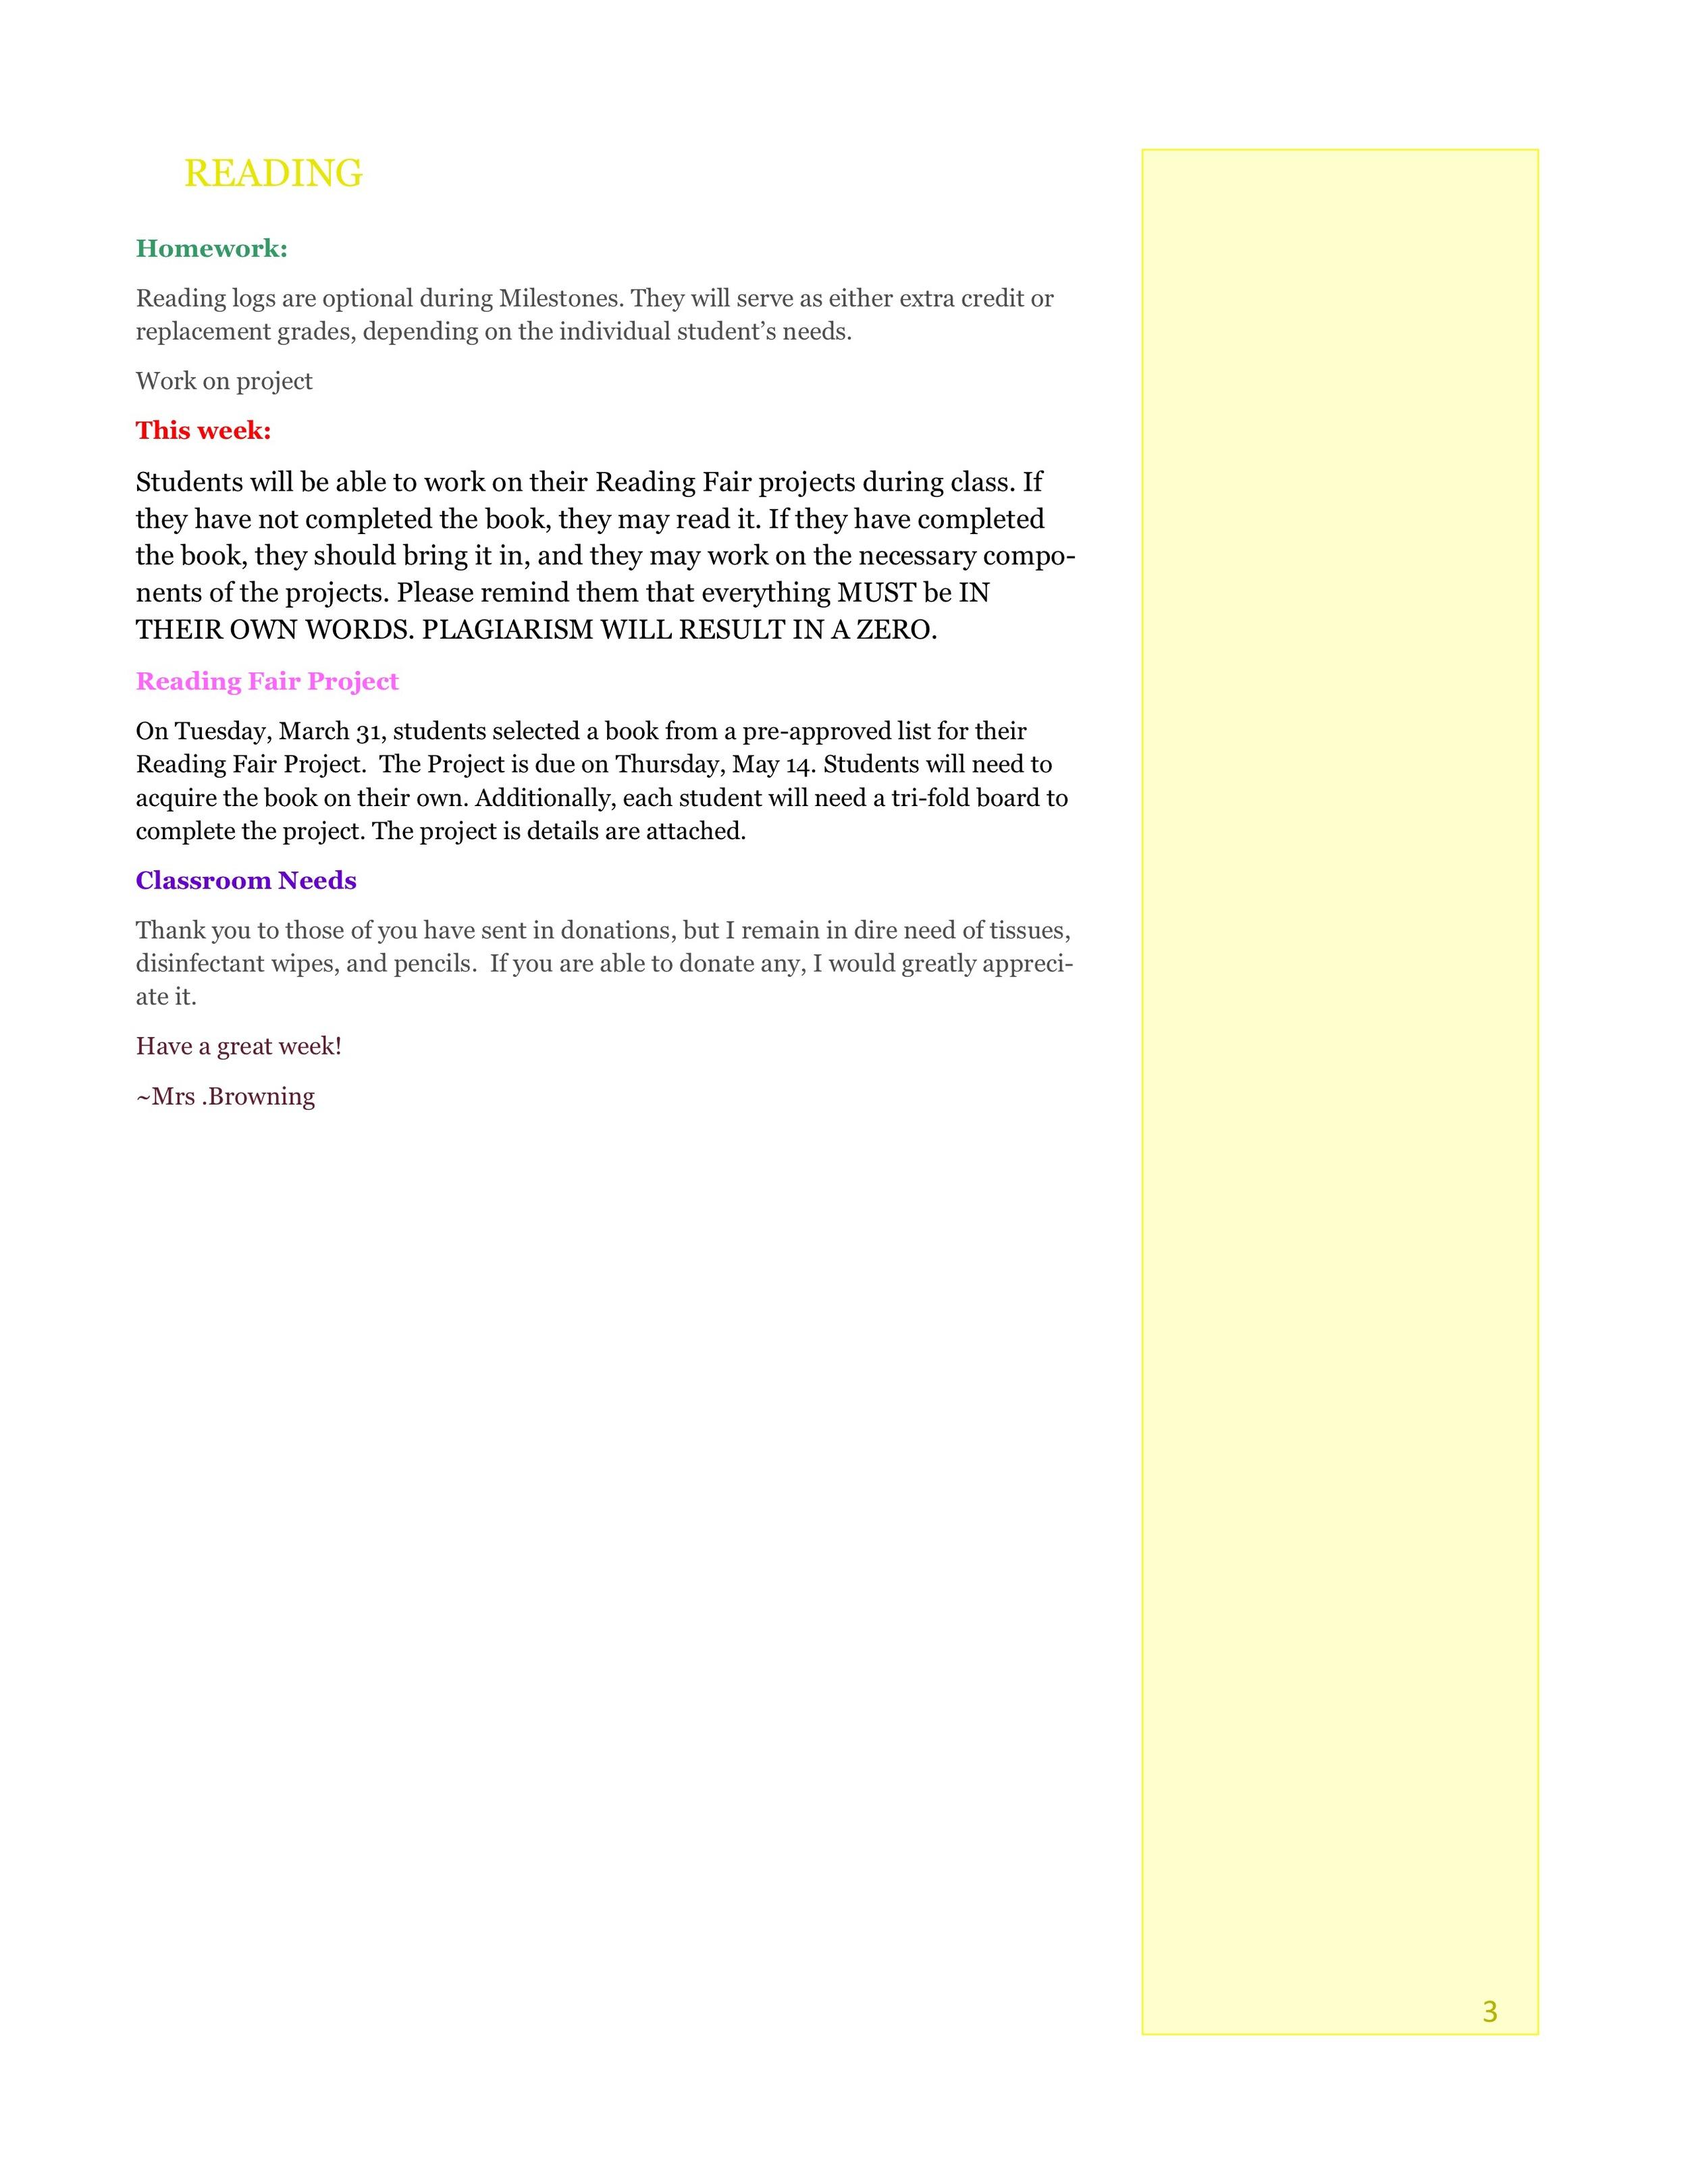 Newsletter Image6th grade April 20-24 3.jpeg